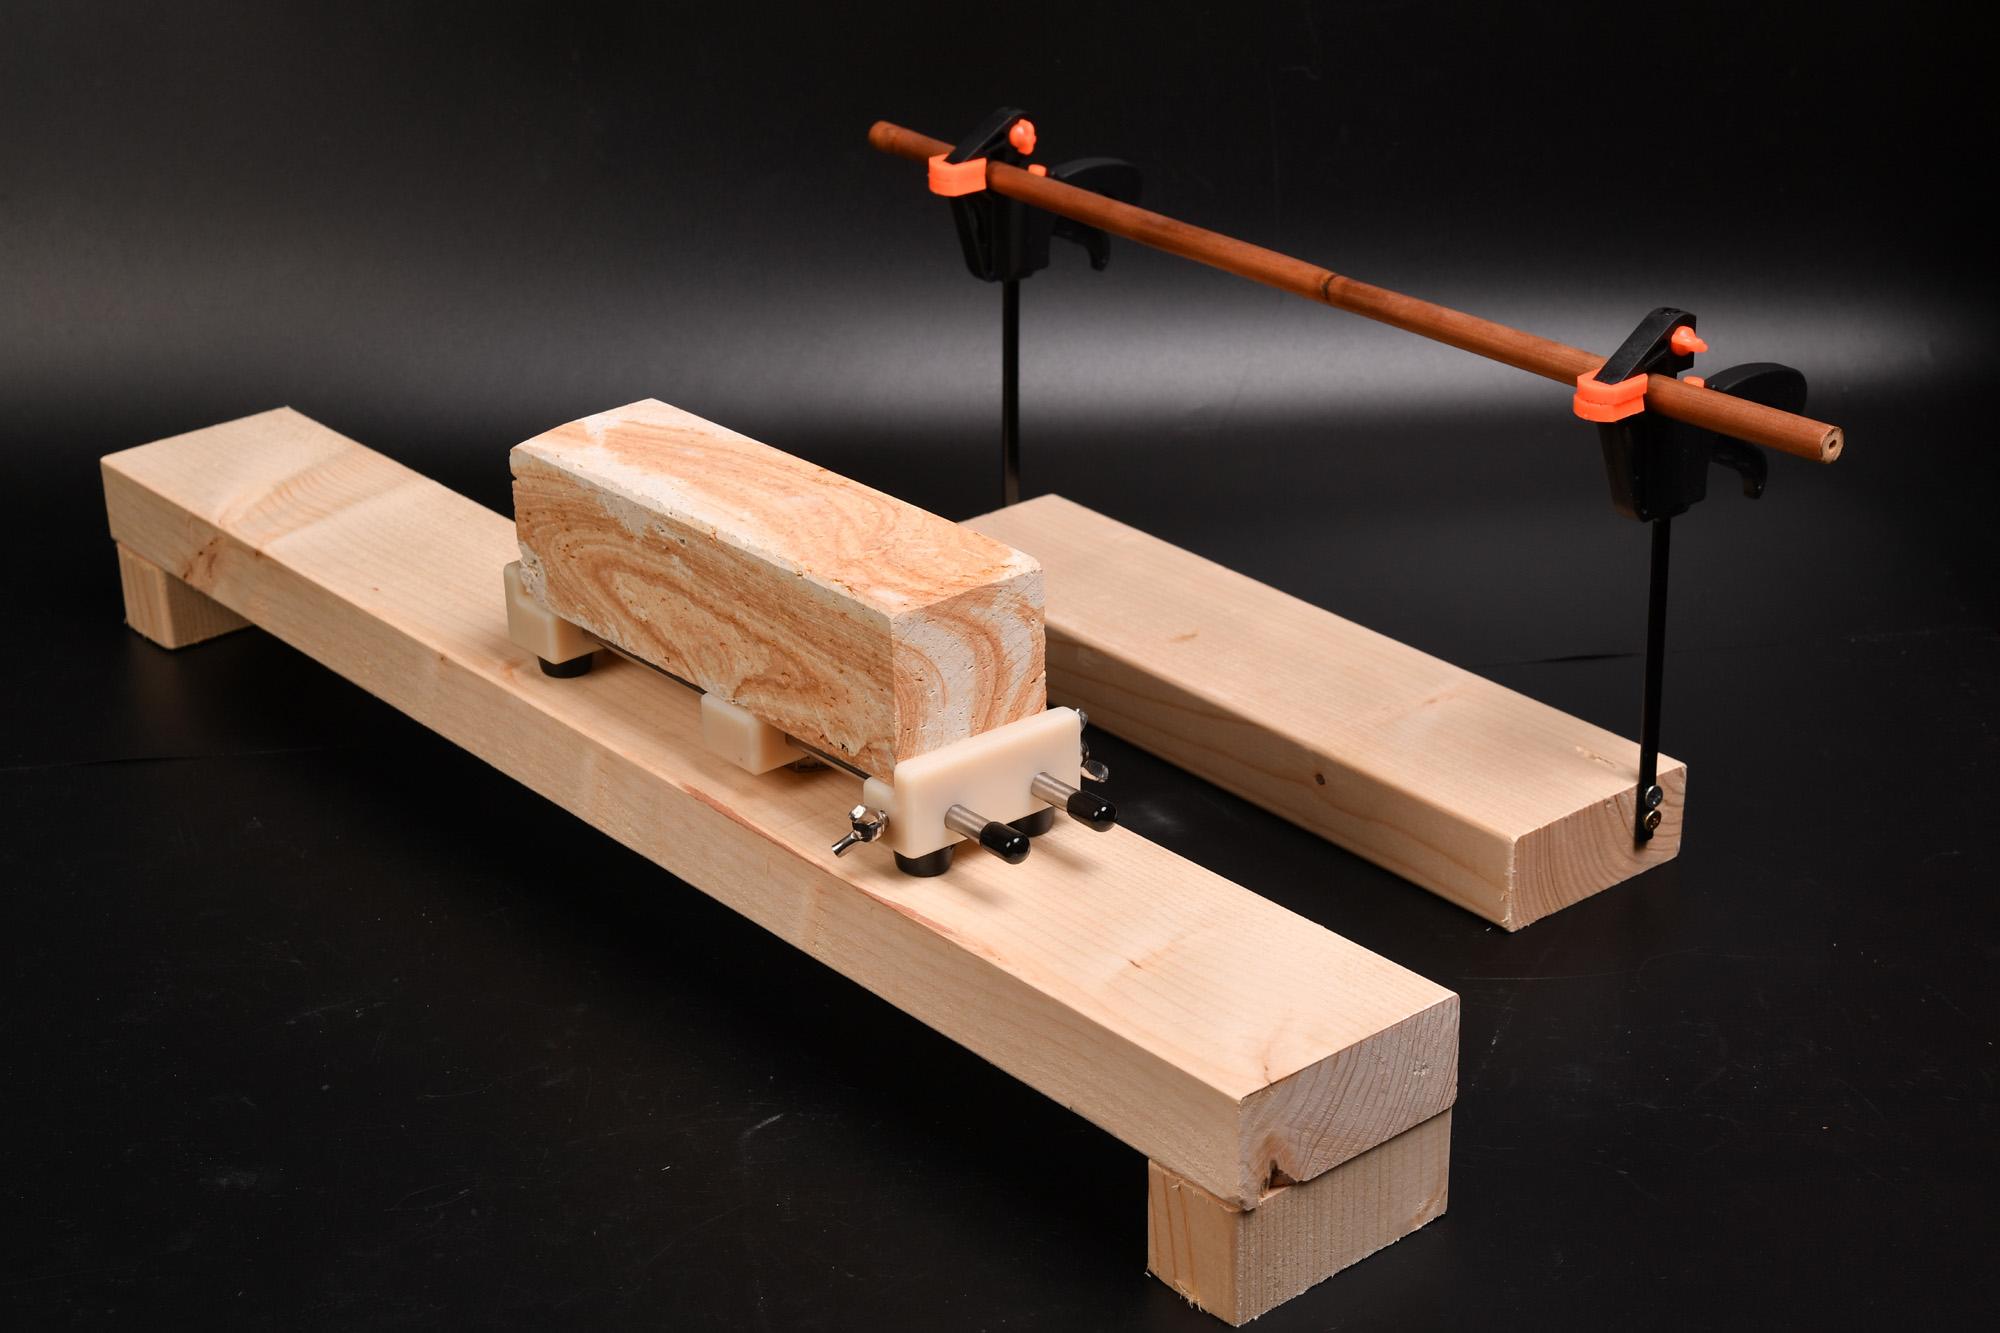 日本刀用に砥石台の業務用台下冷蔵庫に固定する台制作してみました。